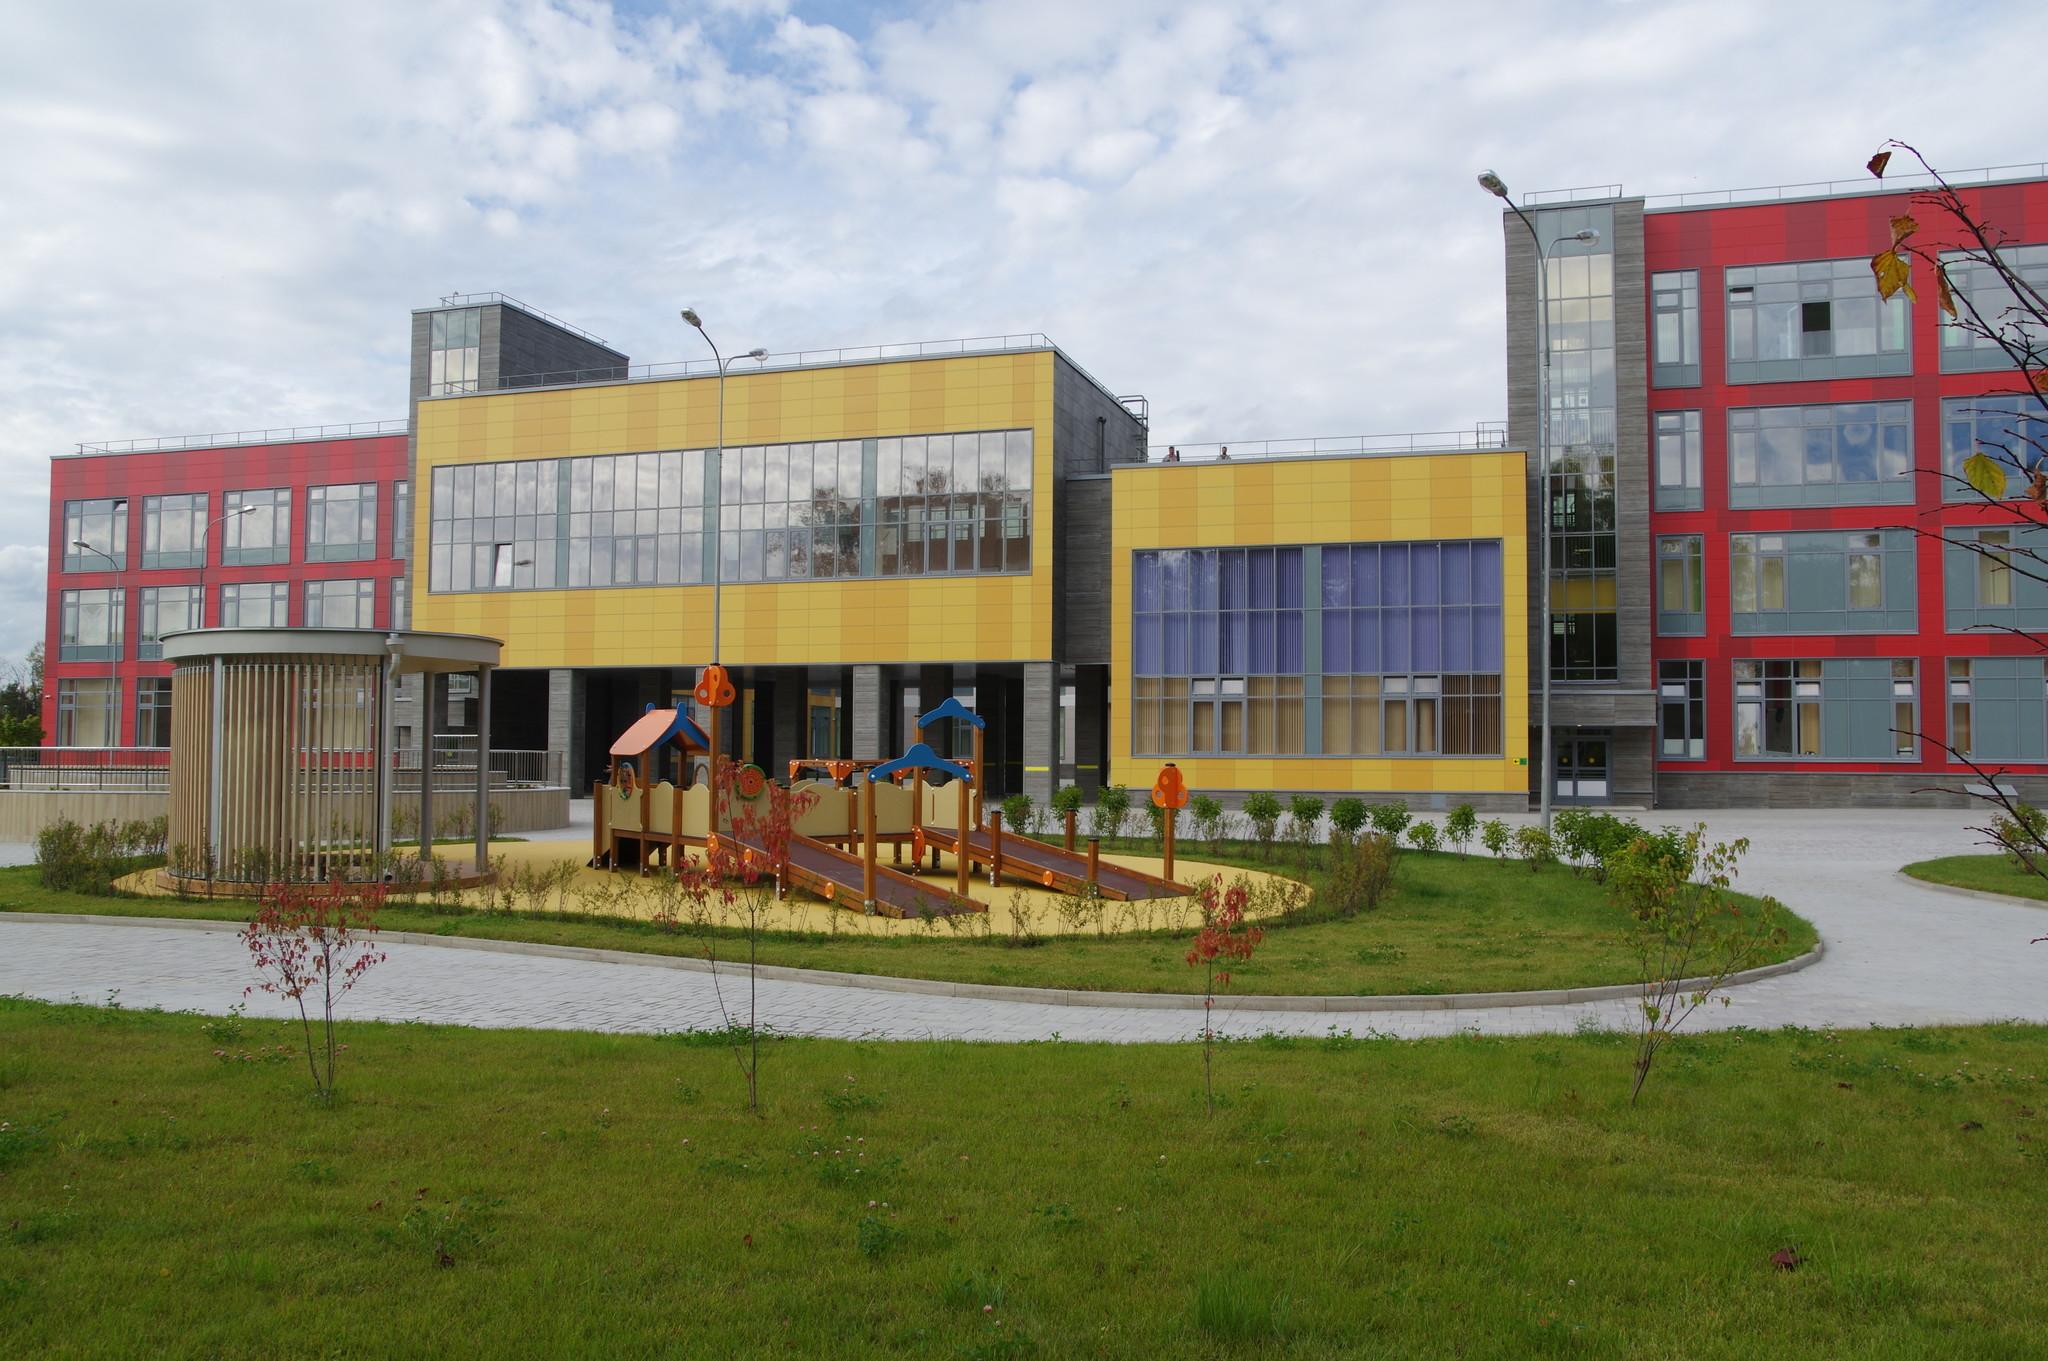 Здание ГБОУ Школа № 2044 (Долгопрудная аллея, дом 16)